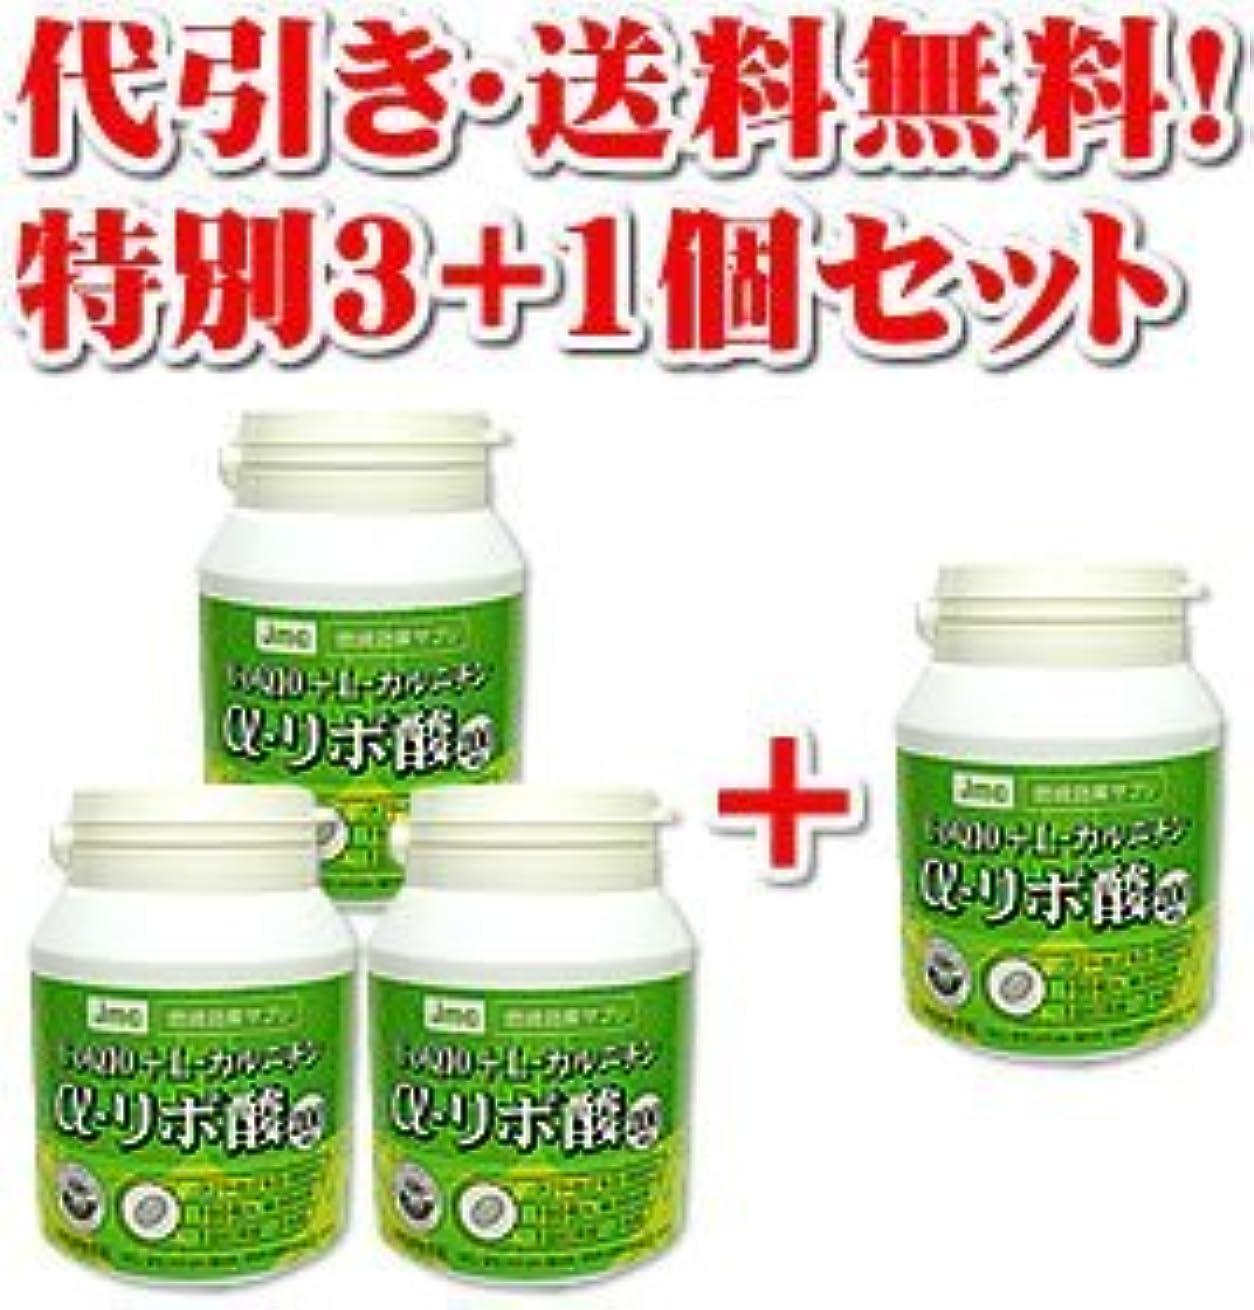 協力威するシードα-リポ酸200mg(ダイエットの4大成分を1粒に凝縮)4個セット